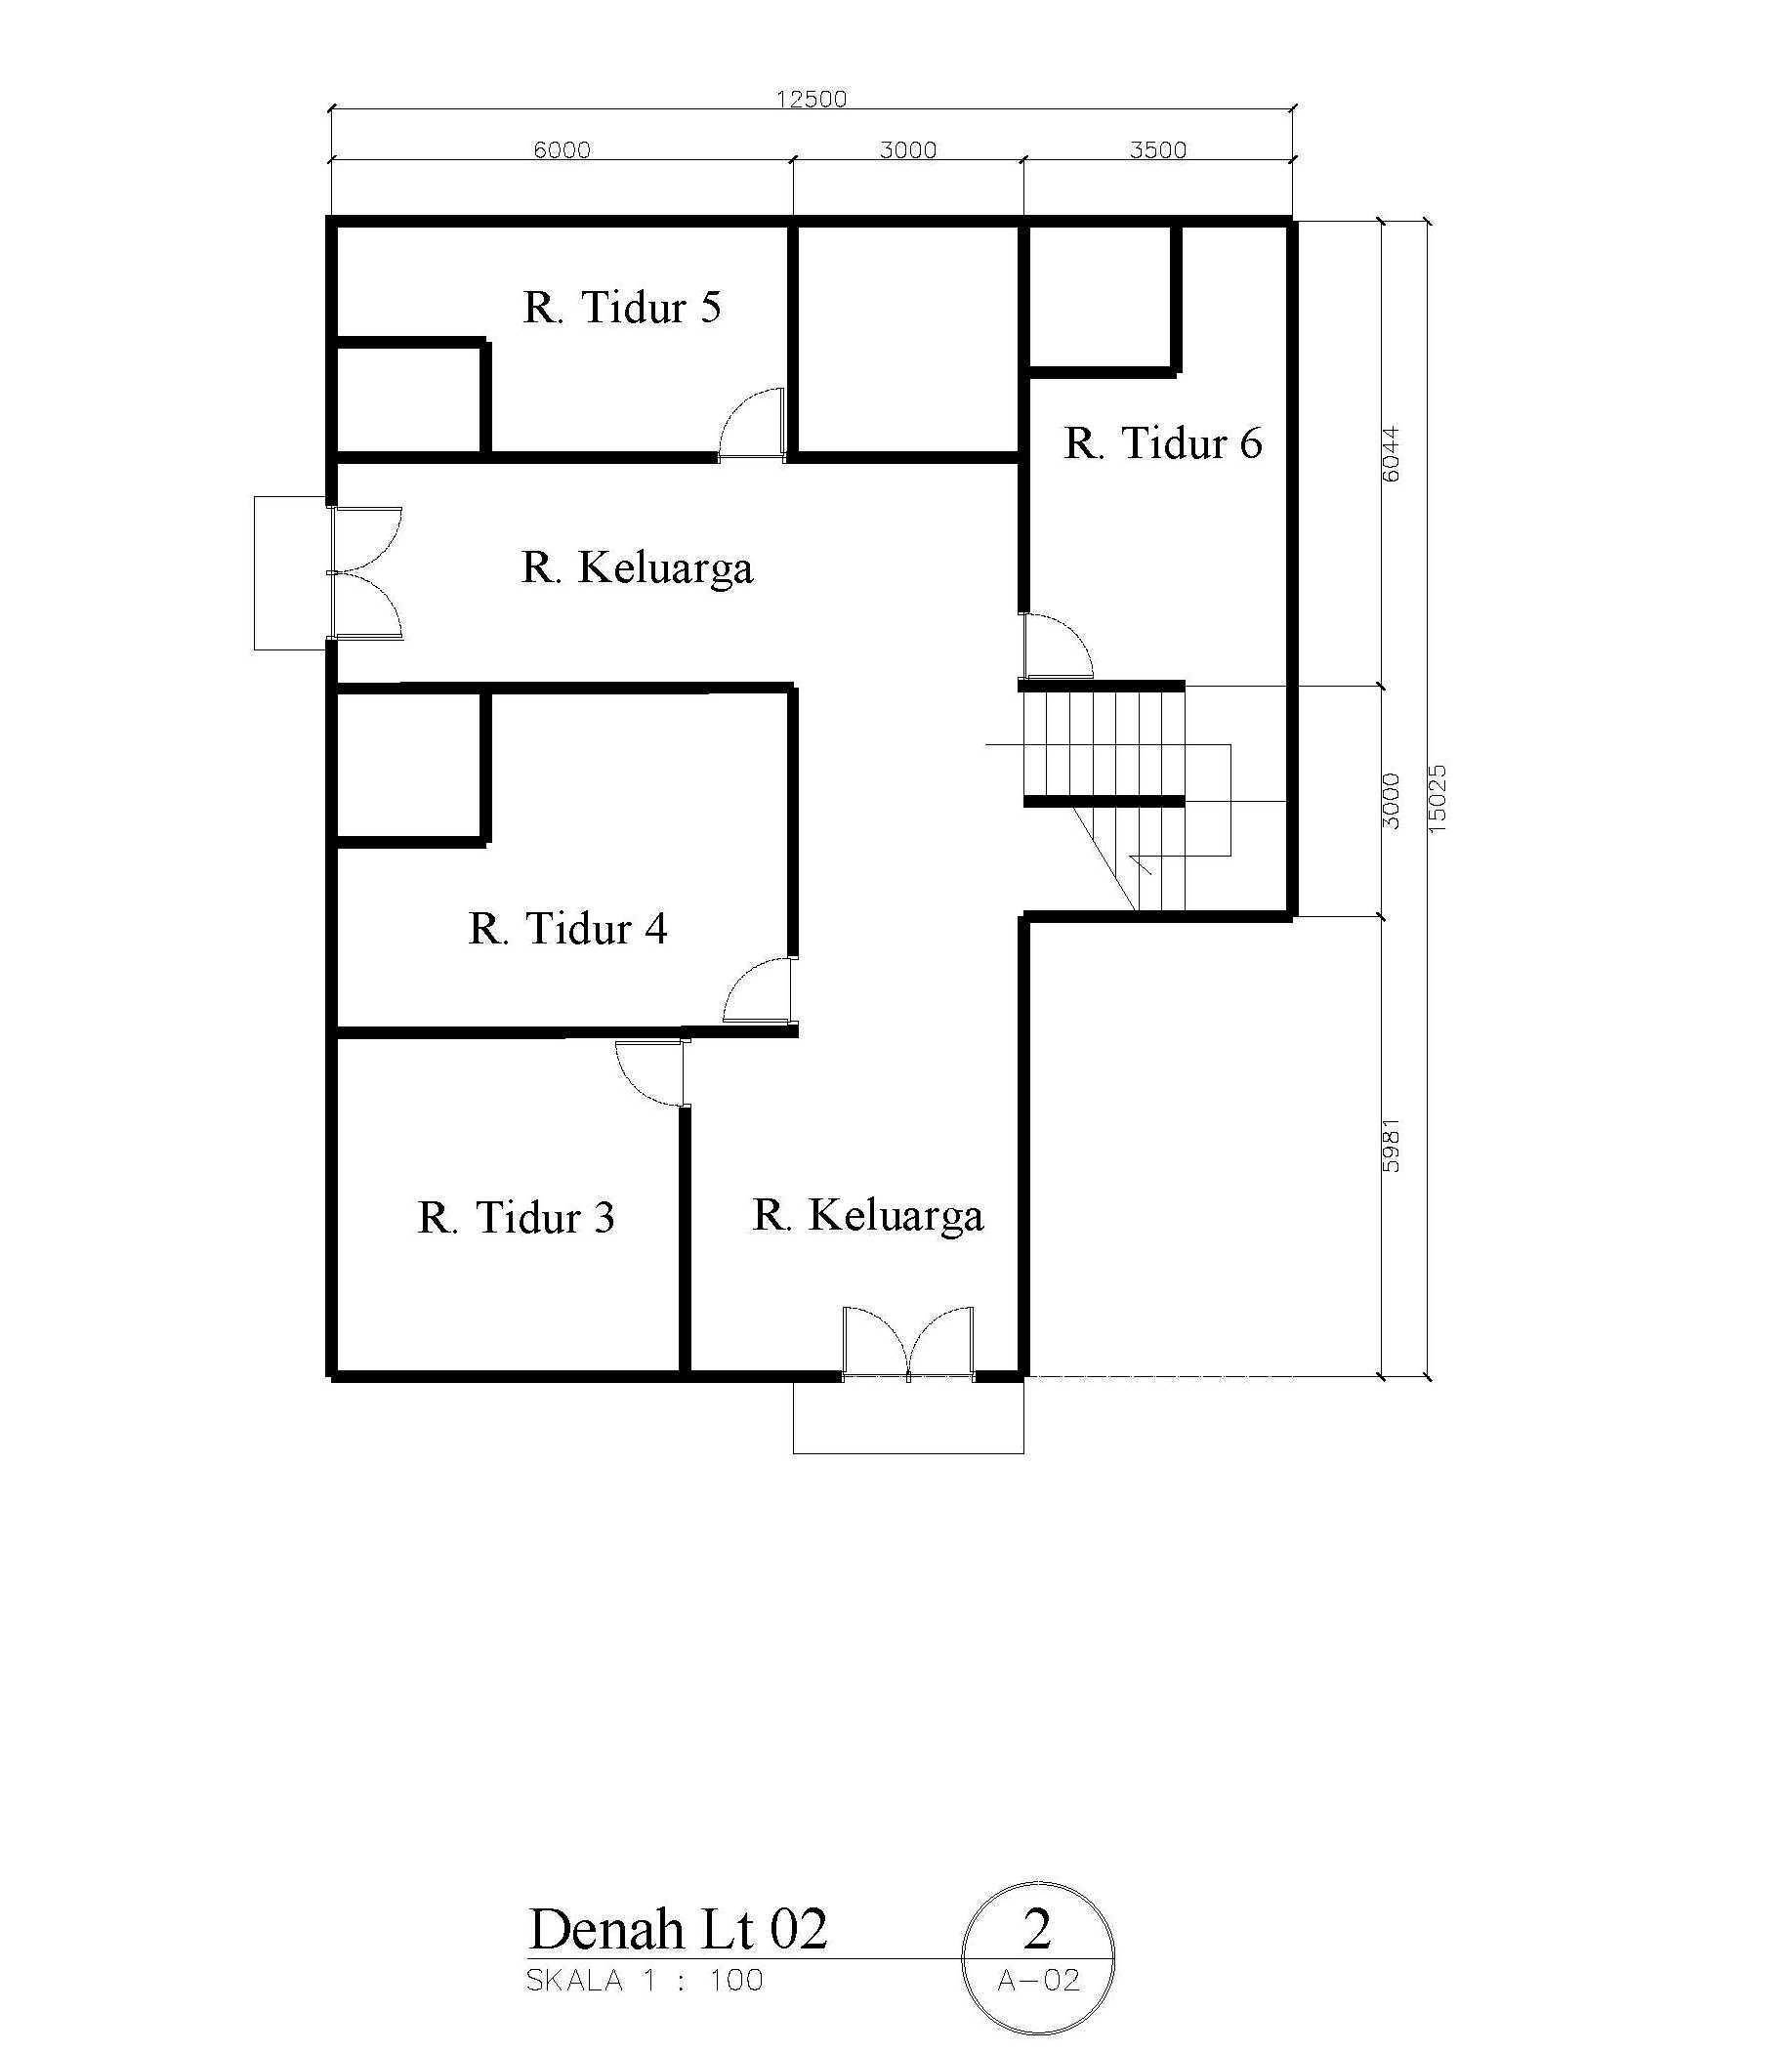 Rahman Efendi Private House 4 Bekasi, Tambelang, Bekasi, Jawa Barat, Indonesia Bekasi, Tambelang, Bekasi, Jawa Barat, Indonesia Denah-Lt-022   31657